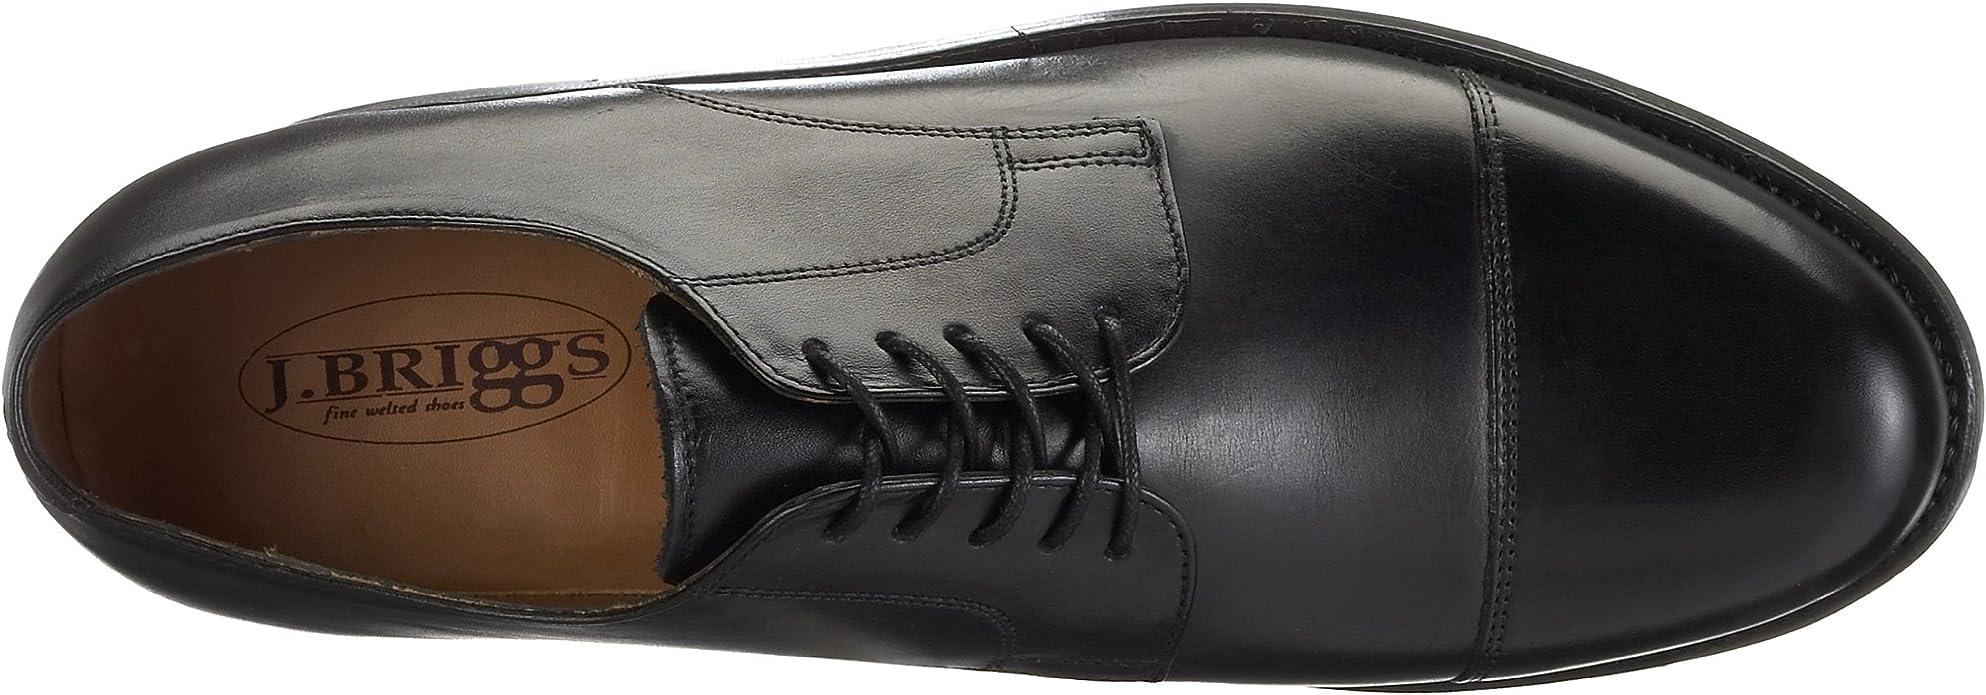 Ballerines Femme Morbuy Casual Ballerines Chaussures de Flats Plate Confort Conduite Chaussures Grandes Pointures du 36 au 42 Style Arc 36 EU = 230 mm//9,Beige